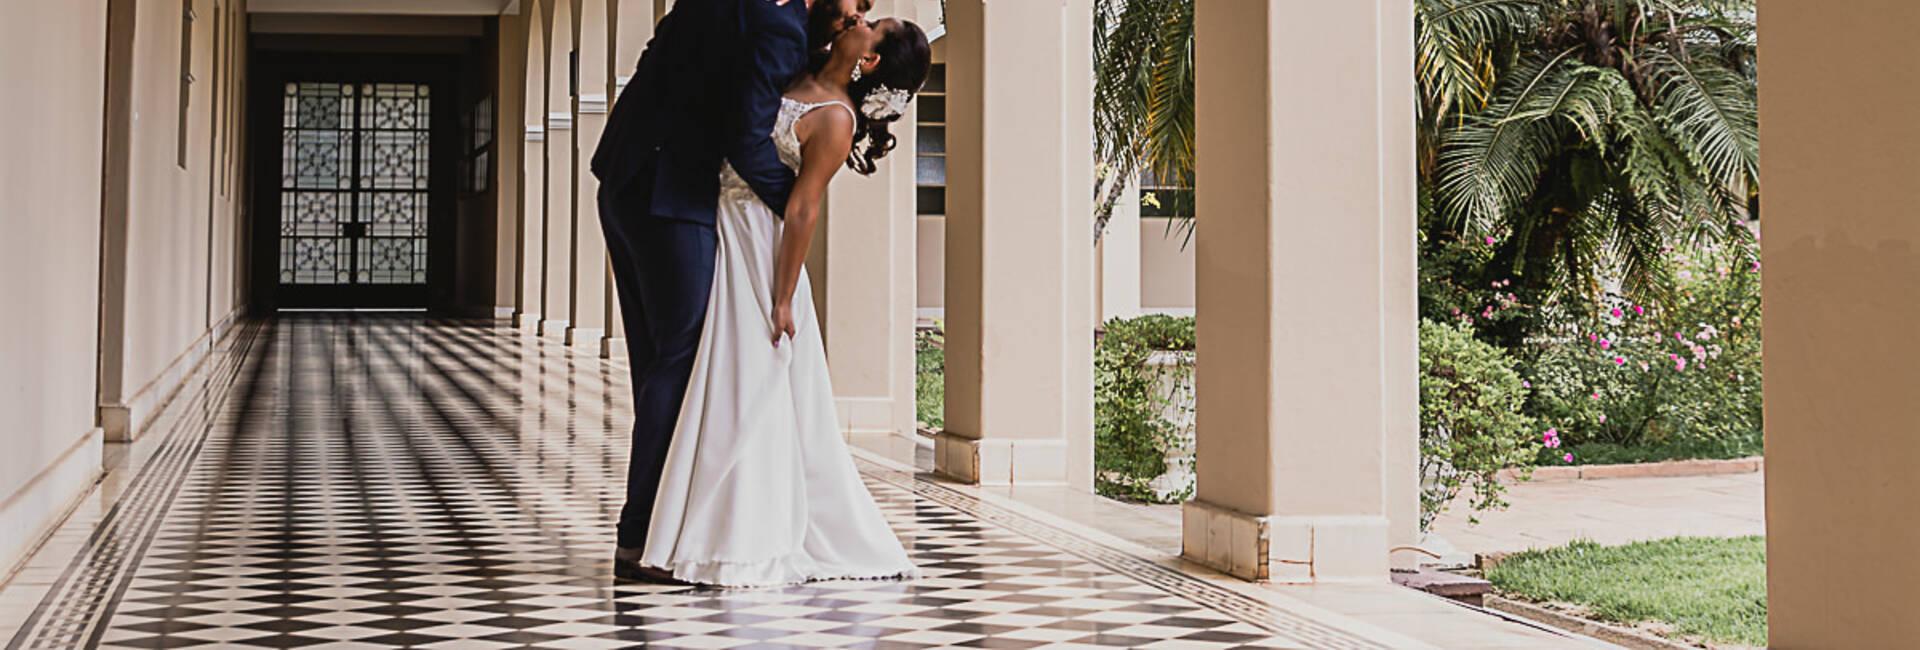 Casamento de Jessica & Felipe